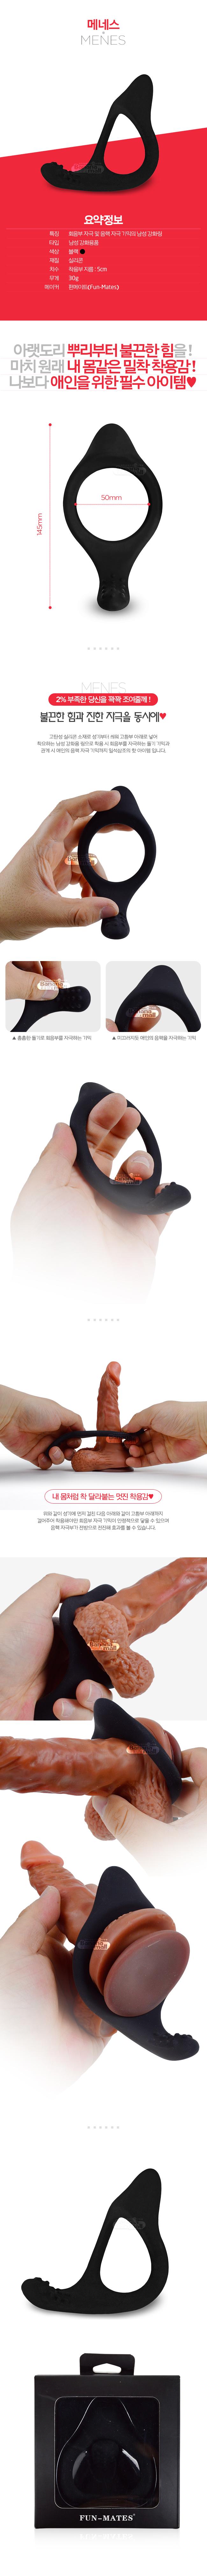 [고급 실리콘] 메네스(Menes) - 펀메이트(6921922516018)